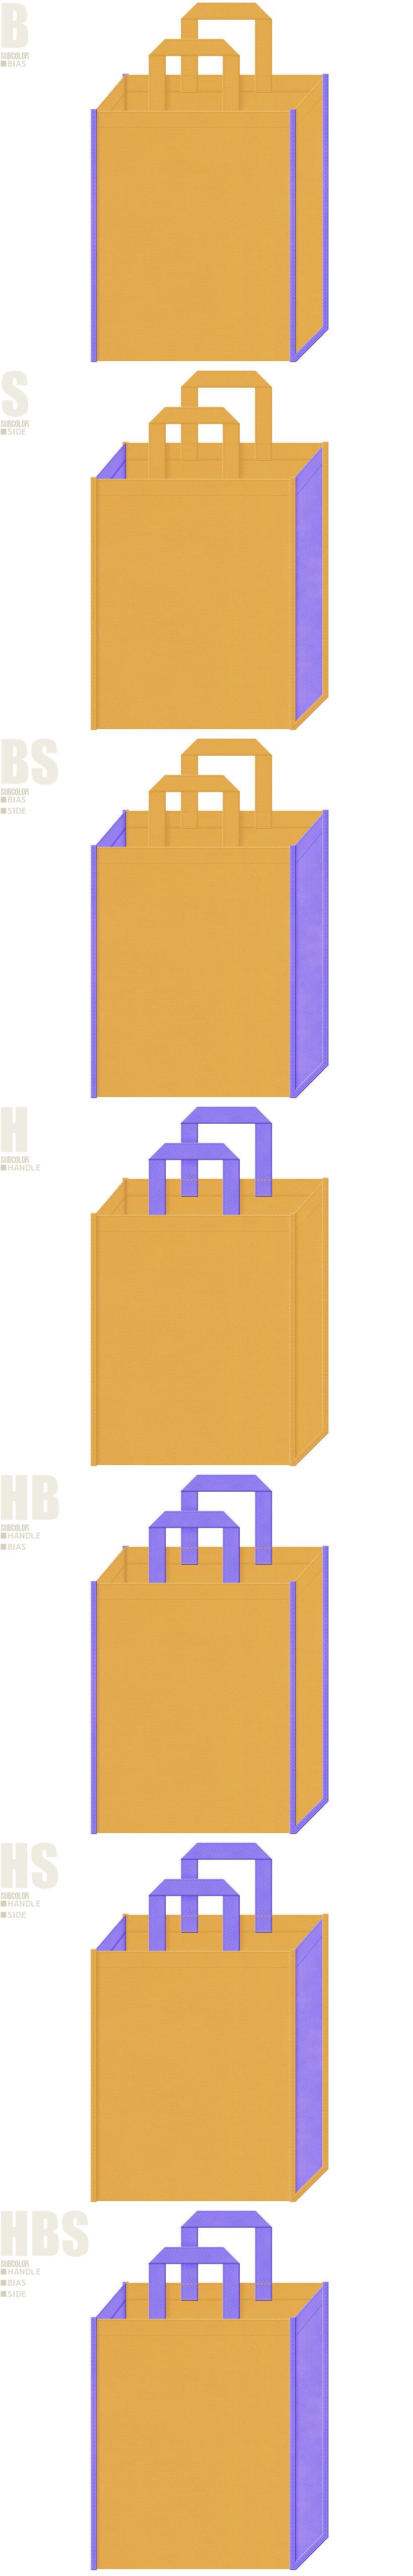 黄土色と明るめの紫色、7パターンの不織布トートバッグ配色デザイン例。